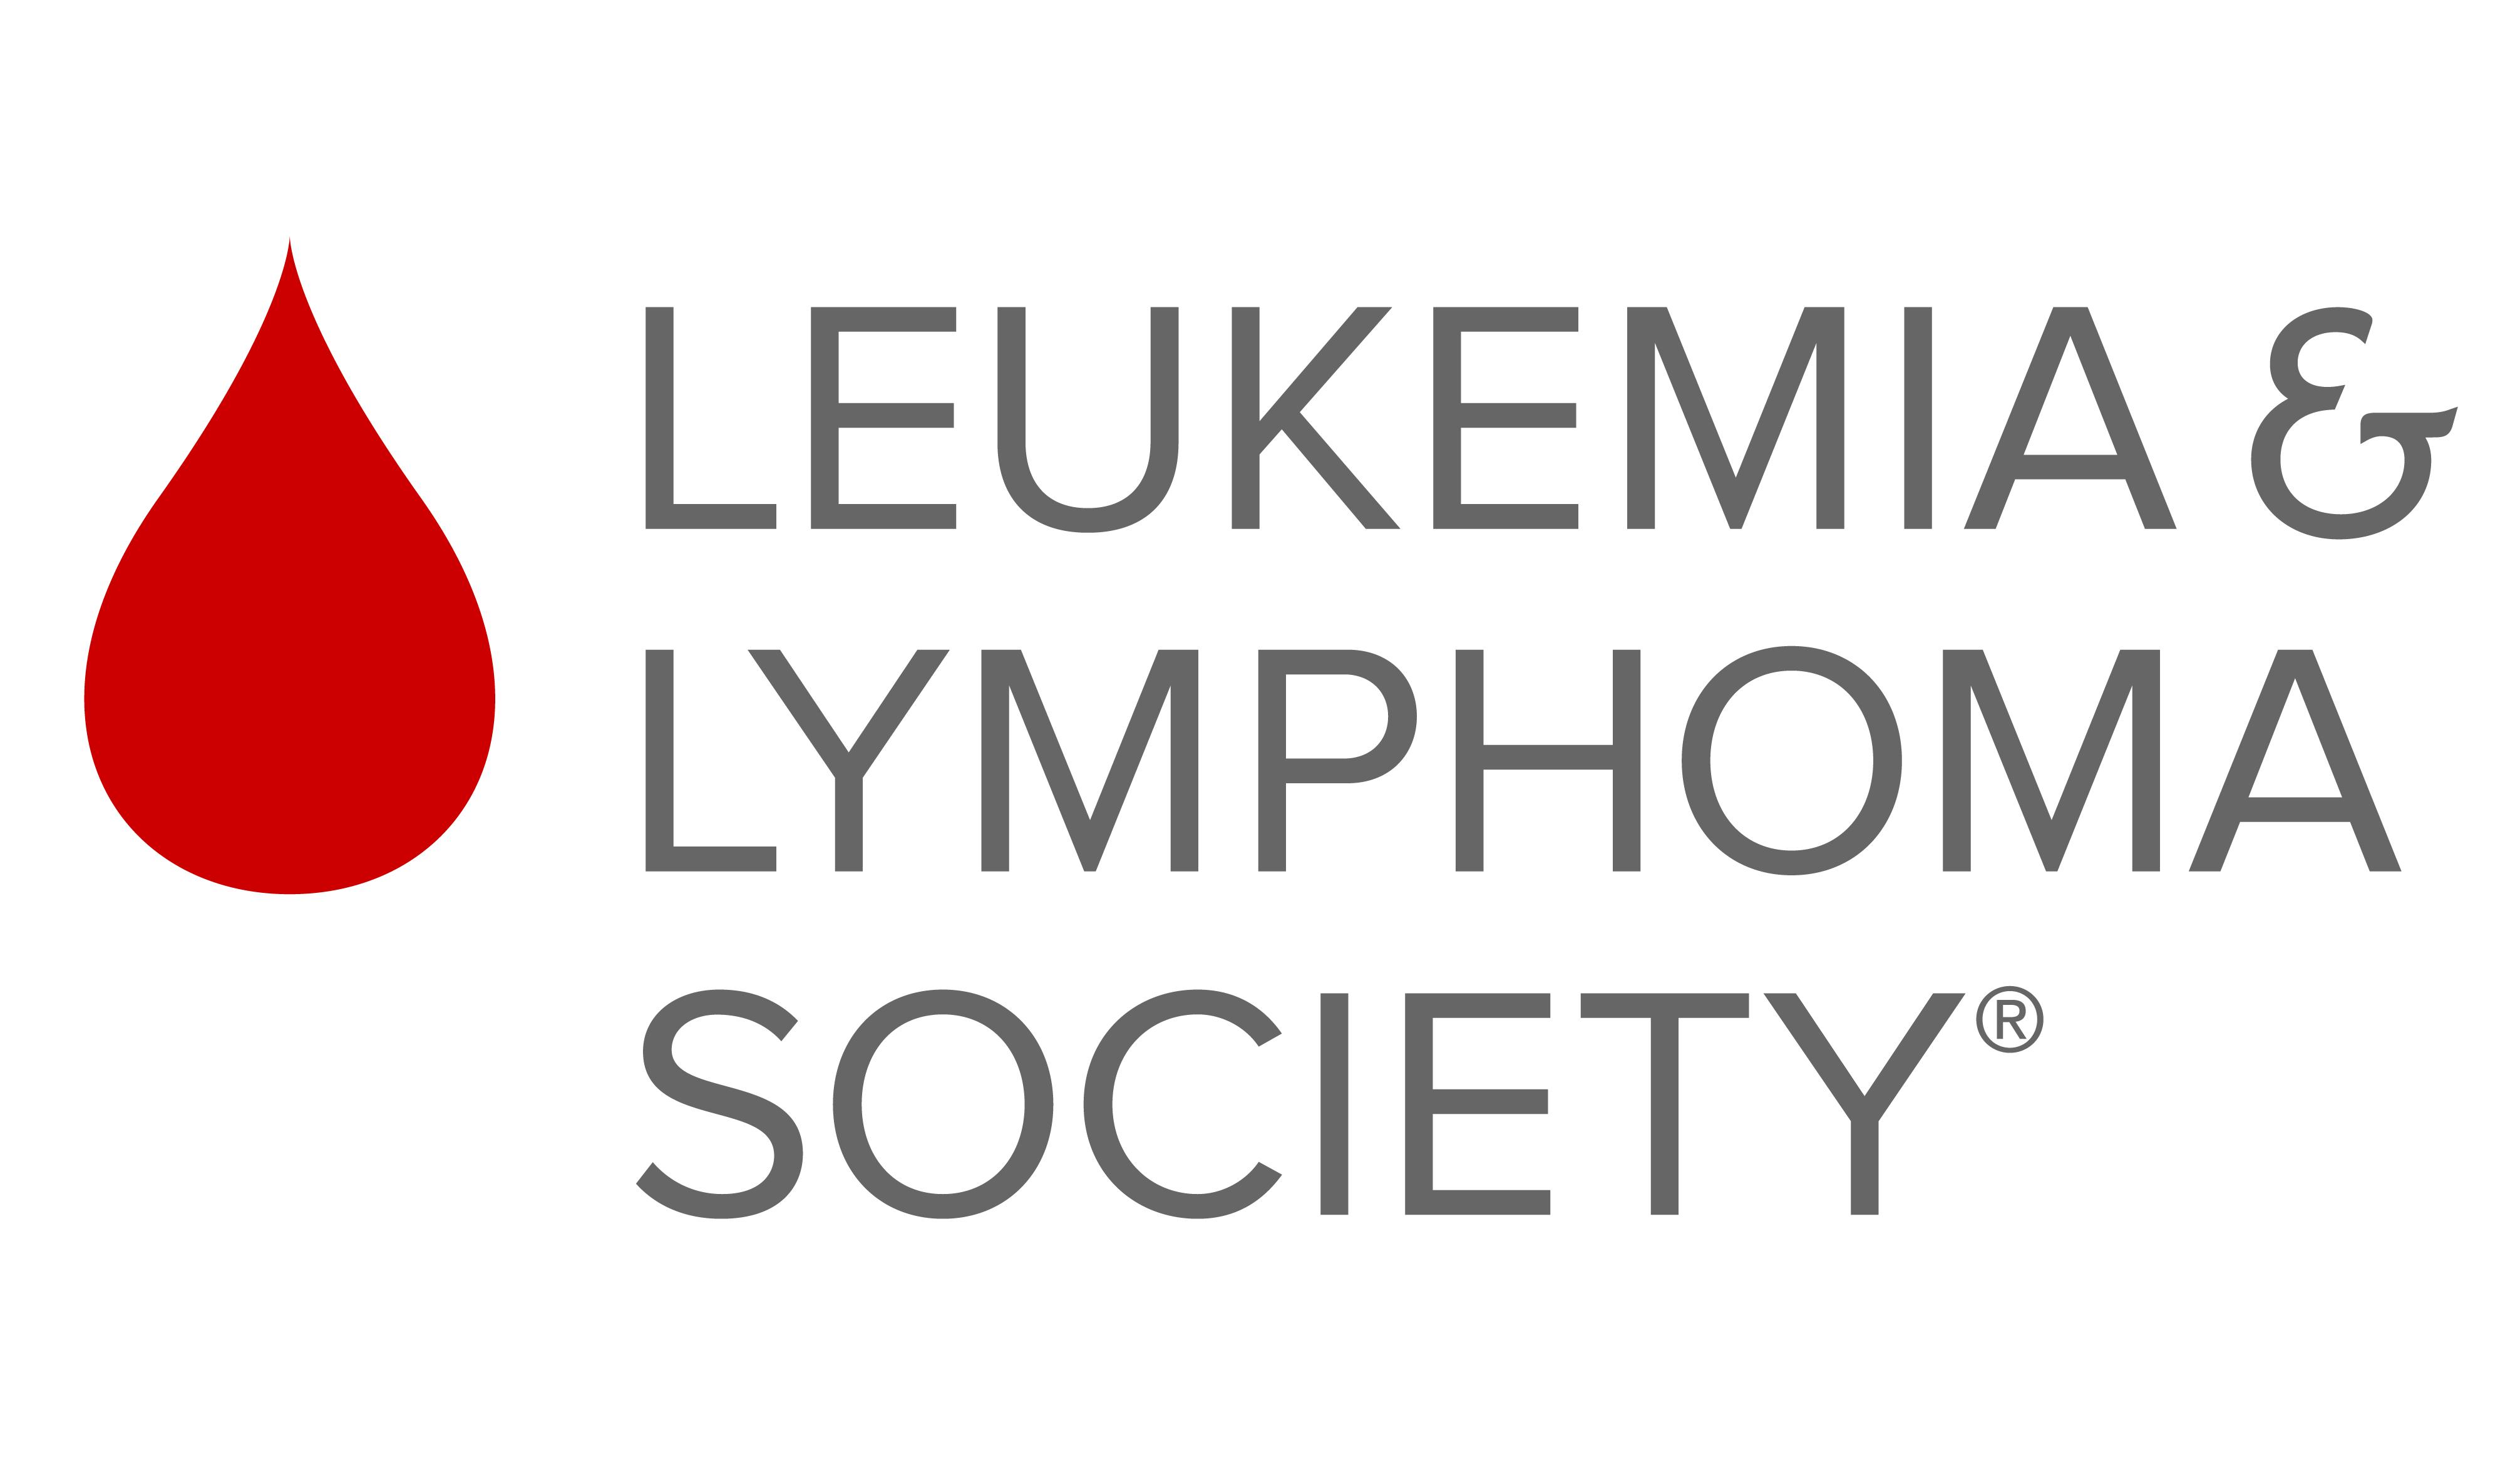 Leukemia & Lymphoma Society - Wikipedia